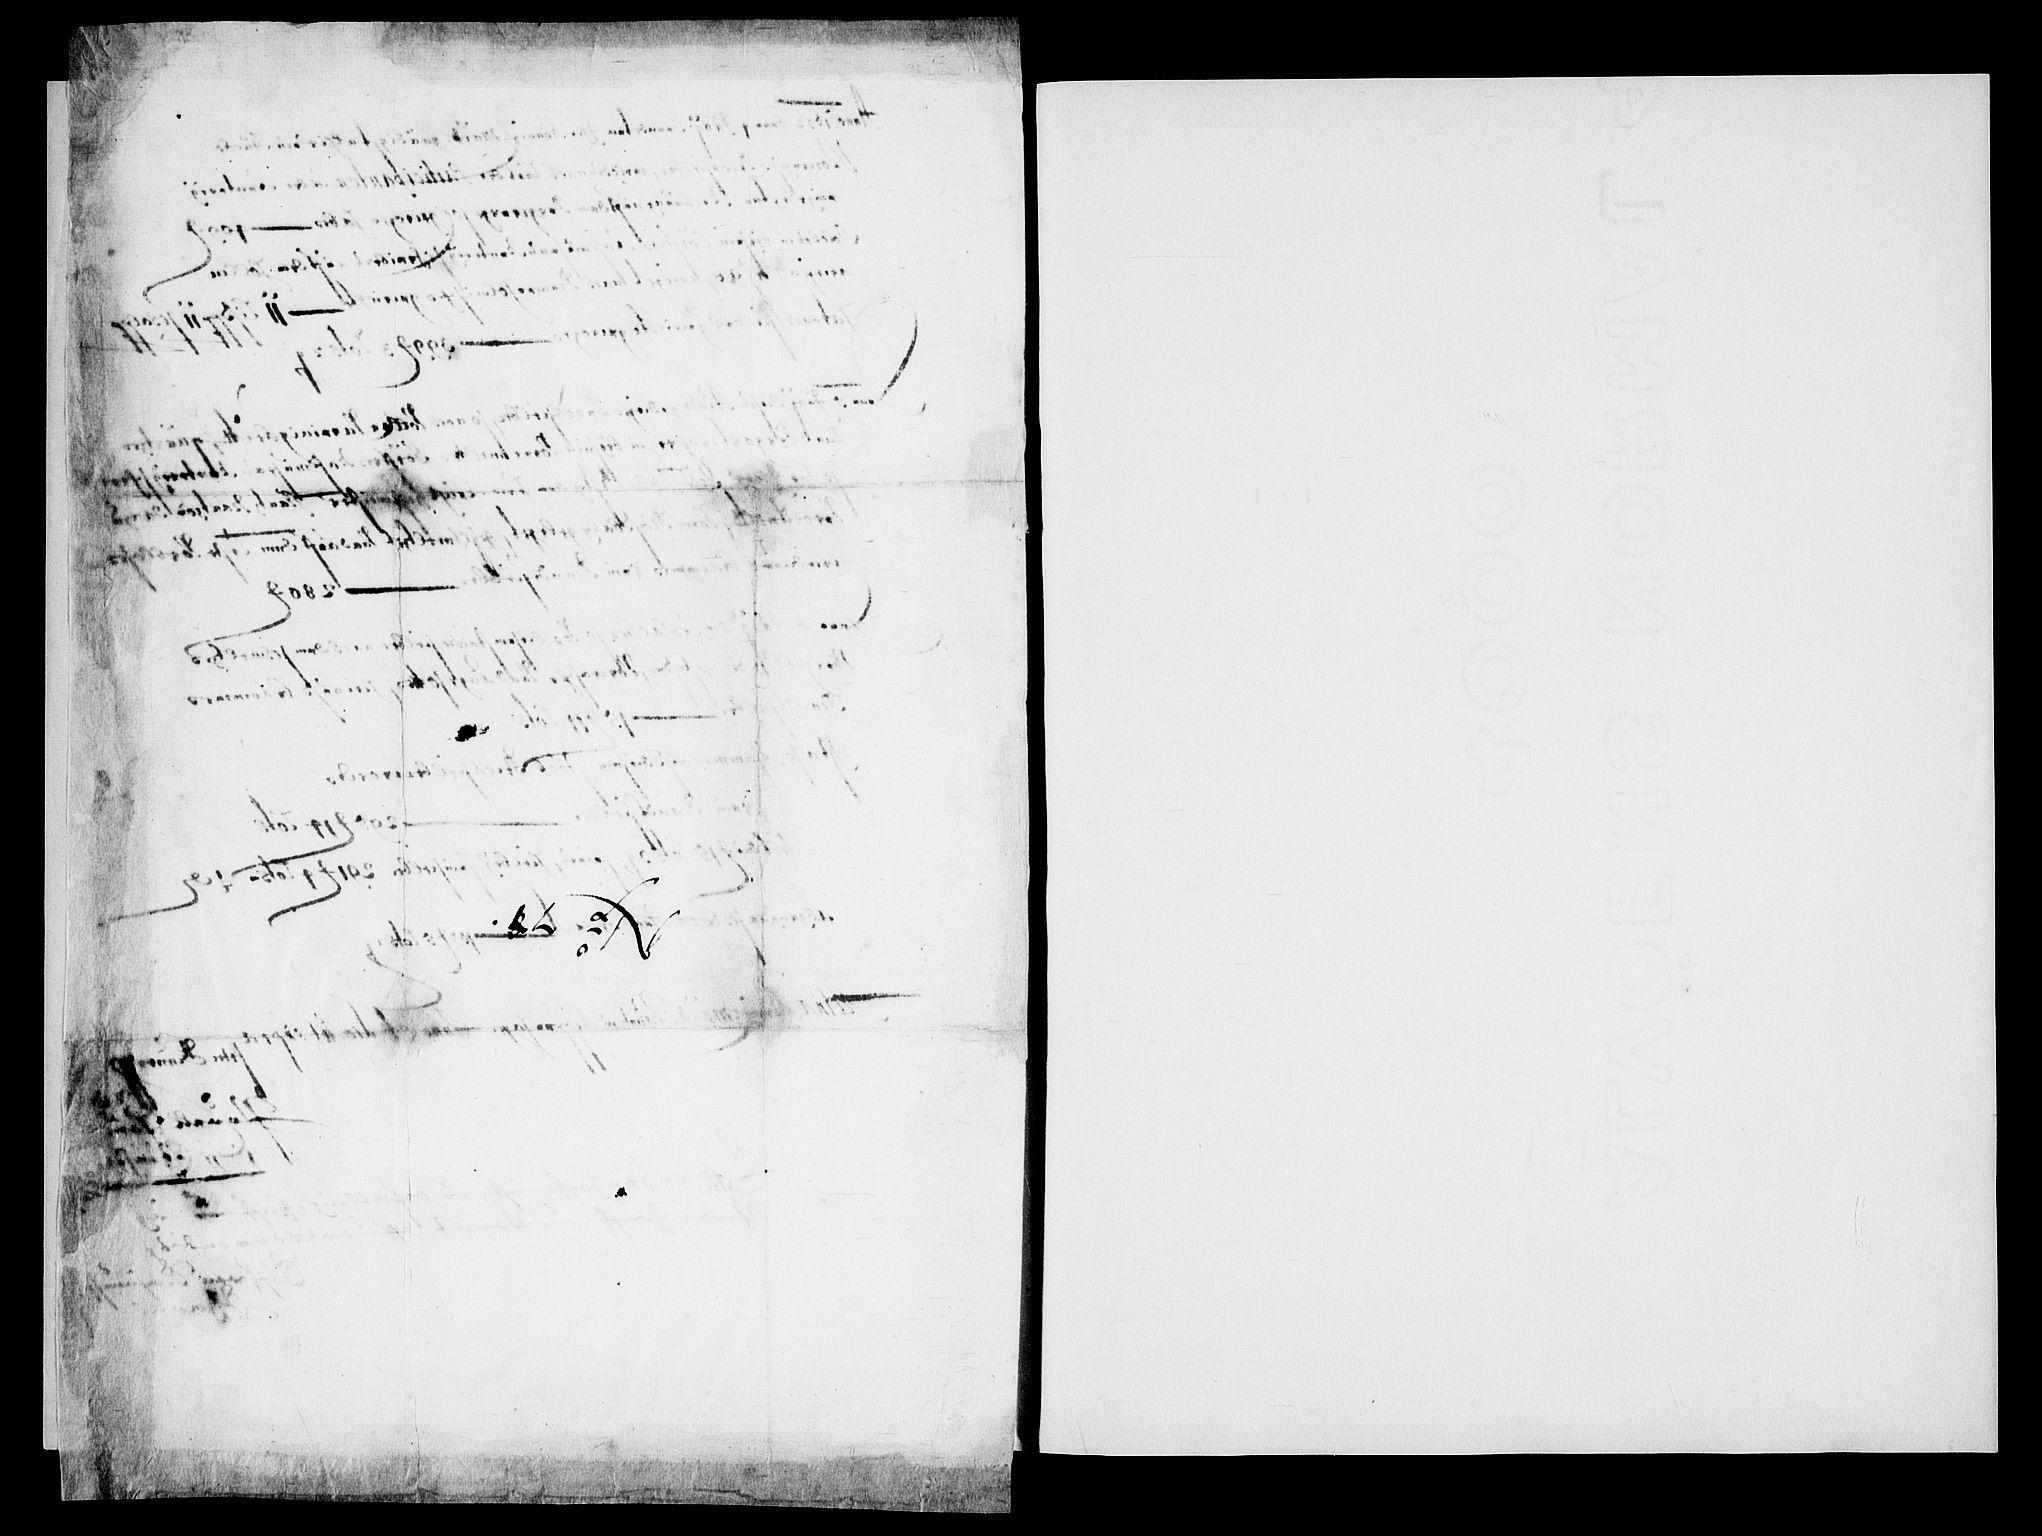 RA, Danske Kanselli, Skapsaker, G/L0019: Tillegg til skapsakene, 1616-1753, s. 68